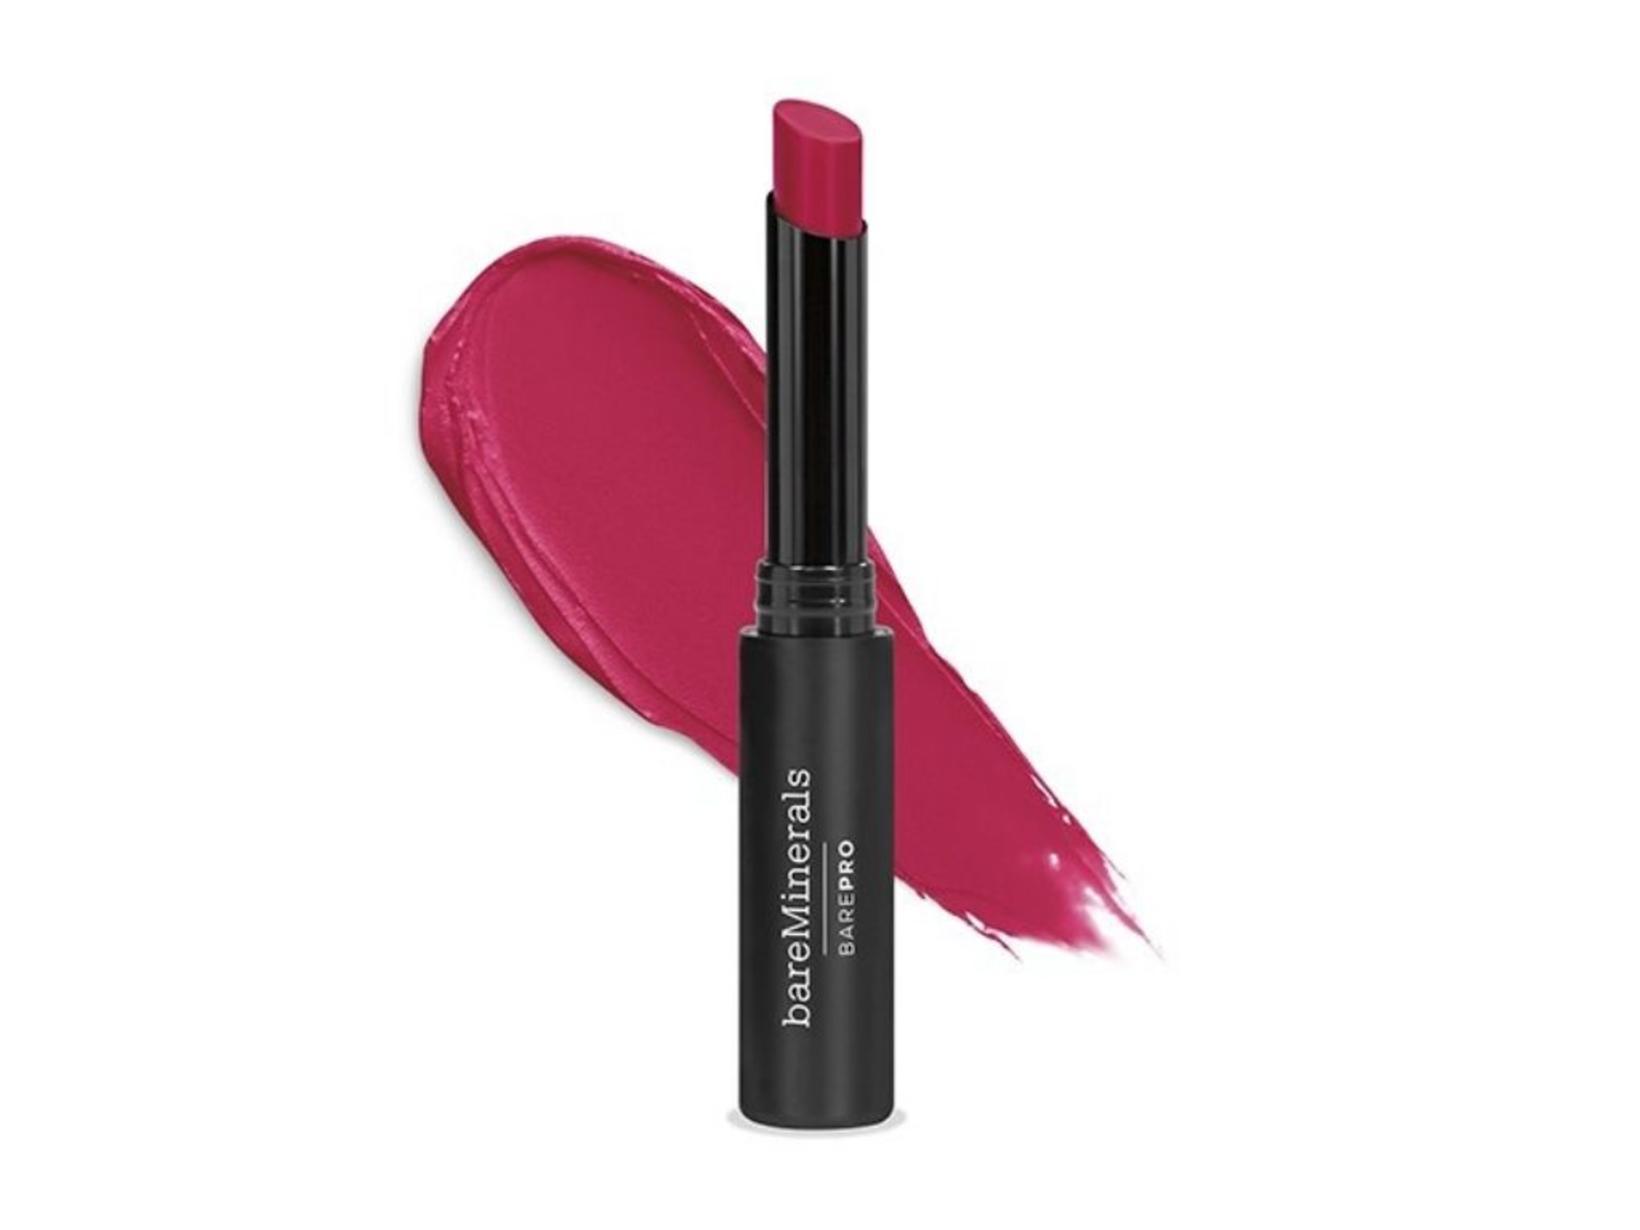 Bare Minerals BAREPRO Longwear Lipstick, 5.599 kr.